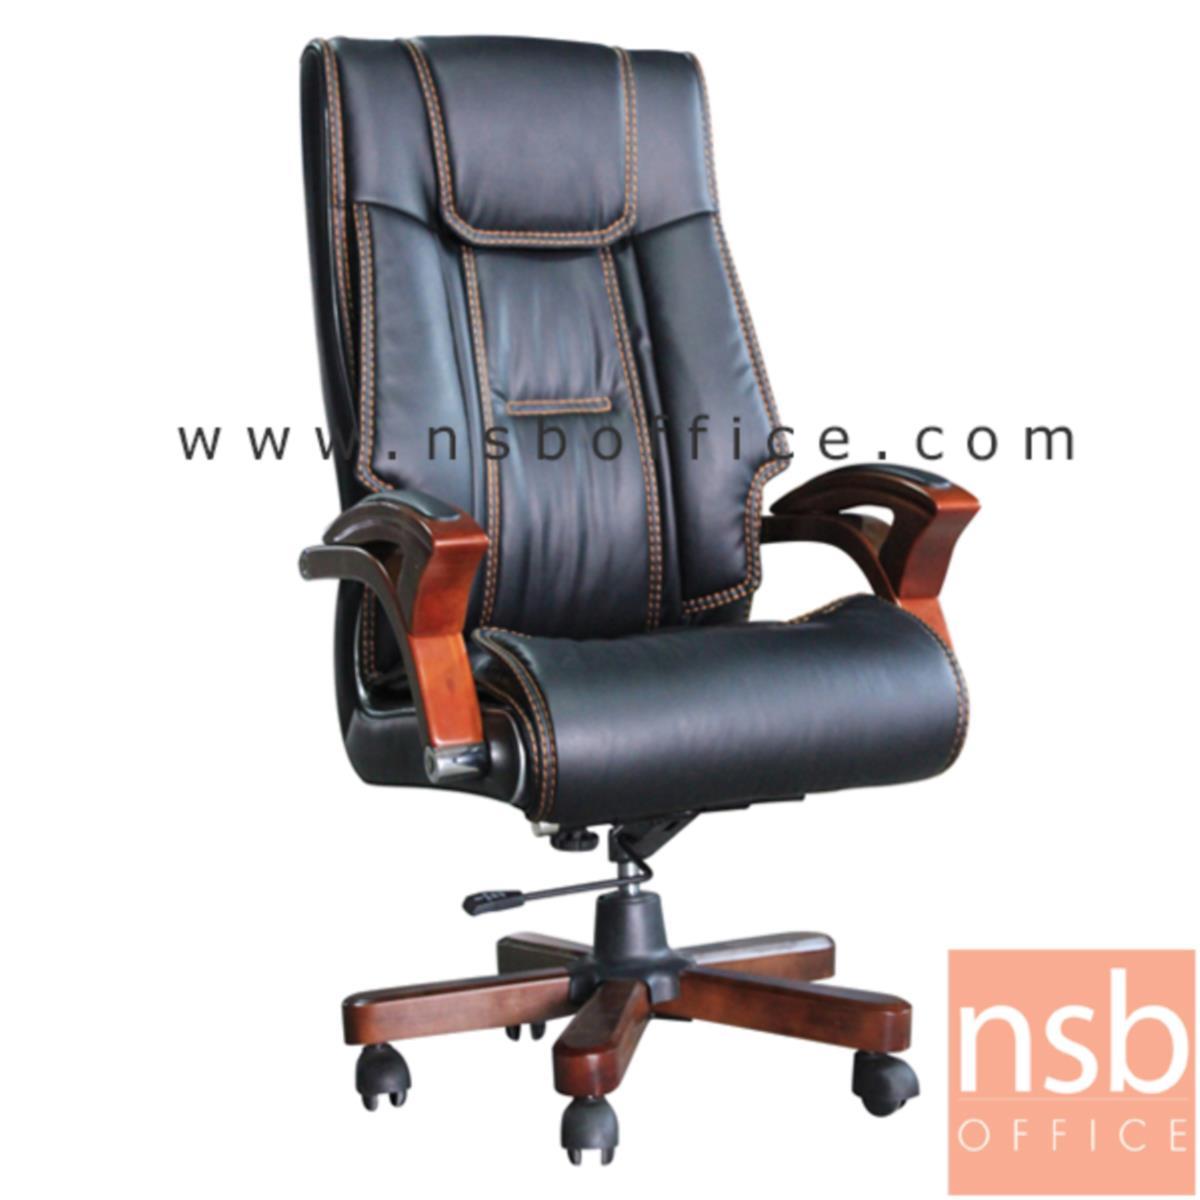 B25A054:เก้าอี้ผู้บริหารหนังเทียม รุ่น Cadenza (คาเดนซ่า)  โช๊คแก๊ส มีก้อนโยก ขาไม้